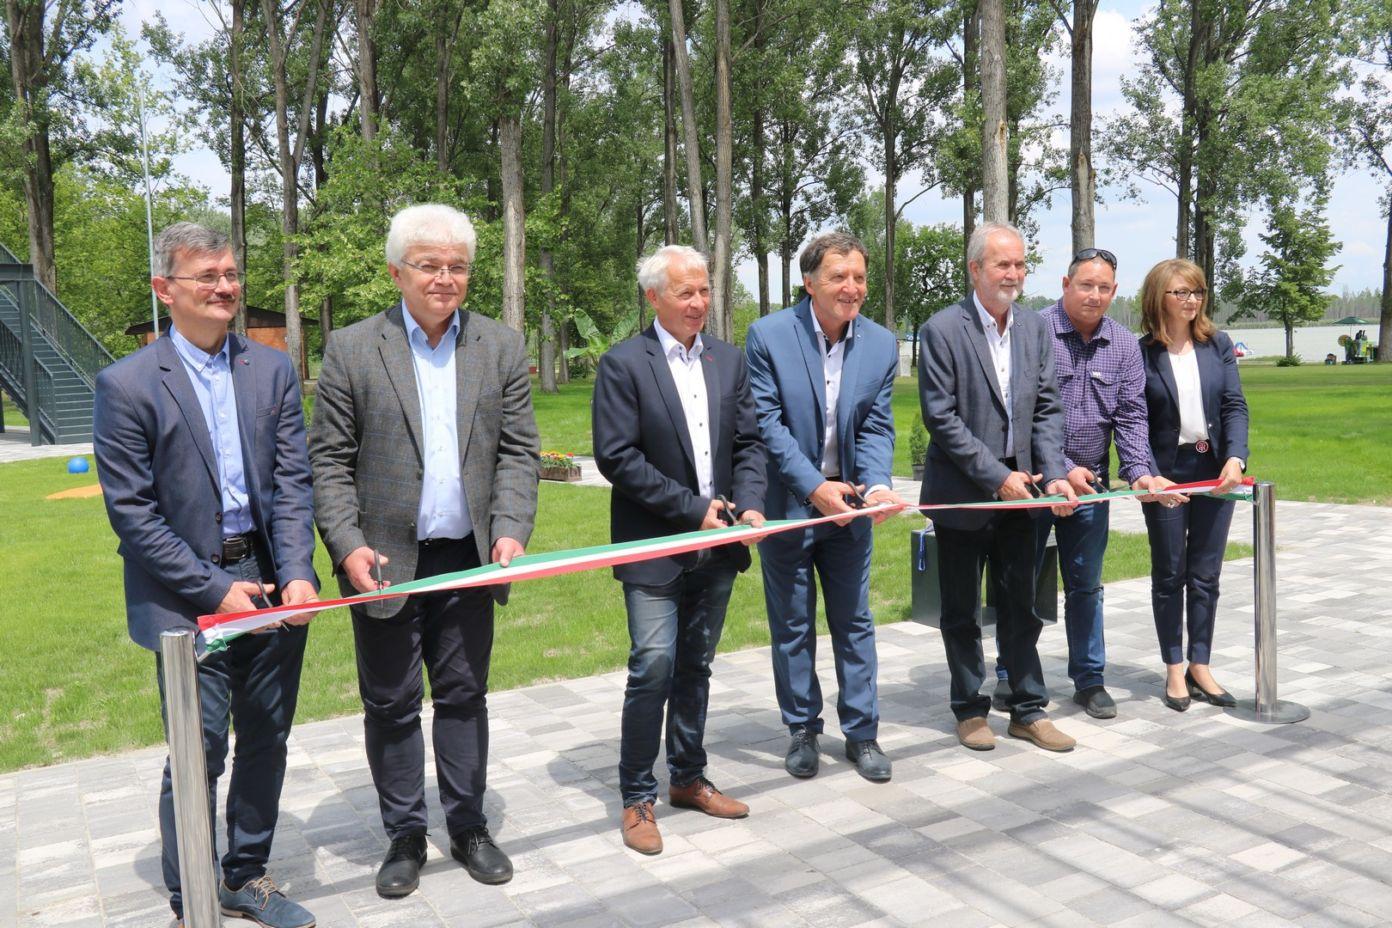 Korszakos jelentőségű fejlesztéseket adtak át a Vadkerti-tó üdülőövezetében